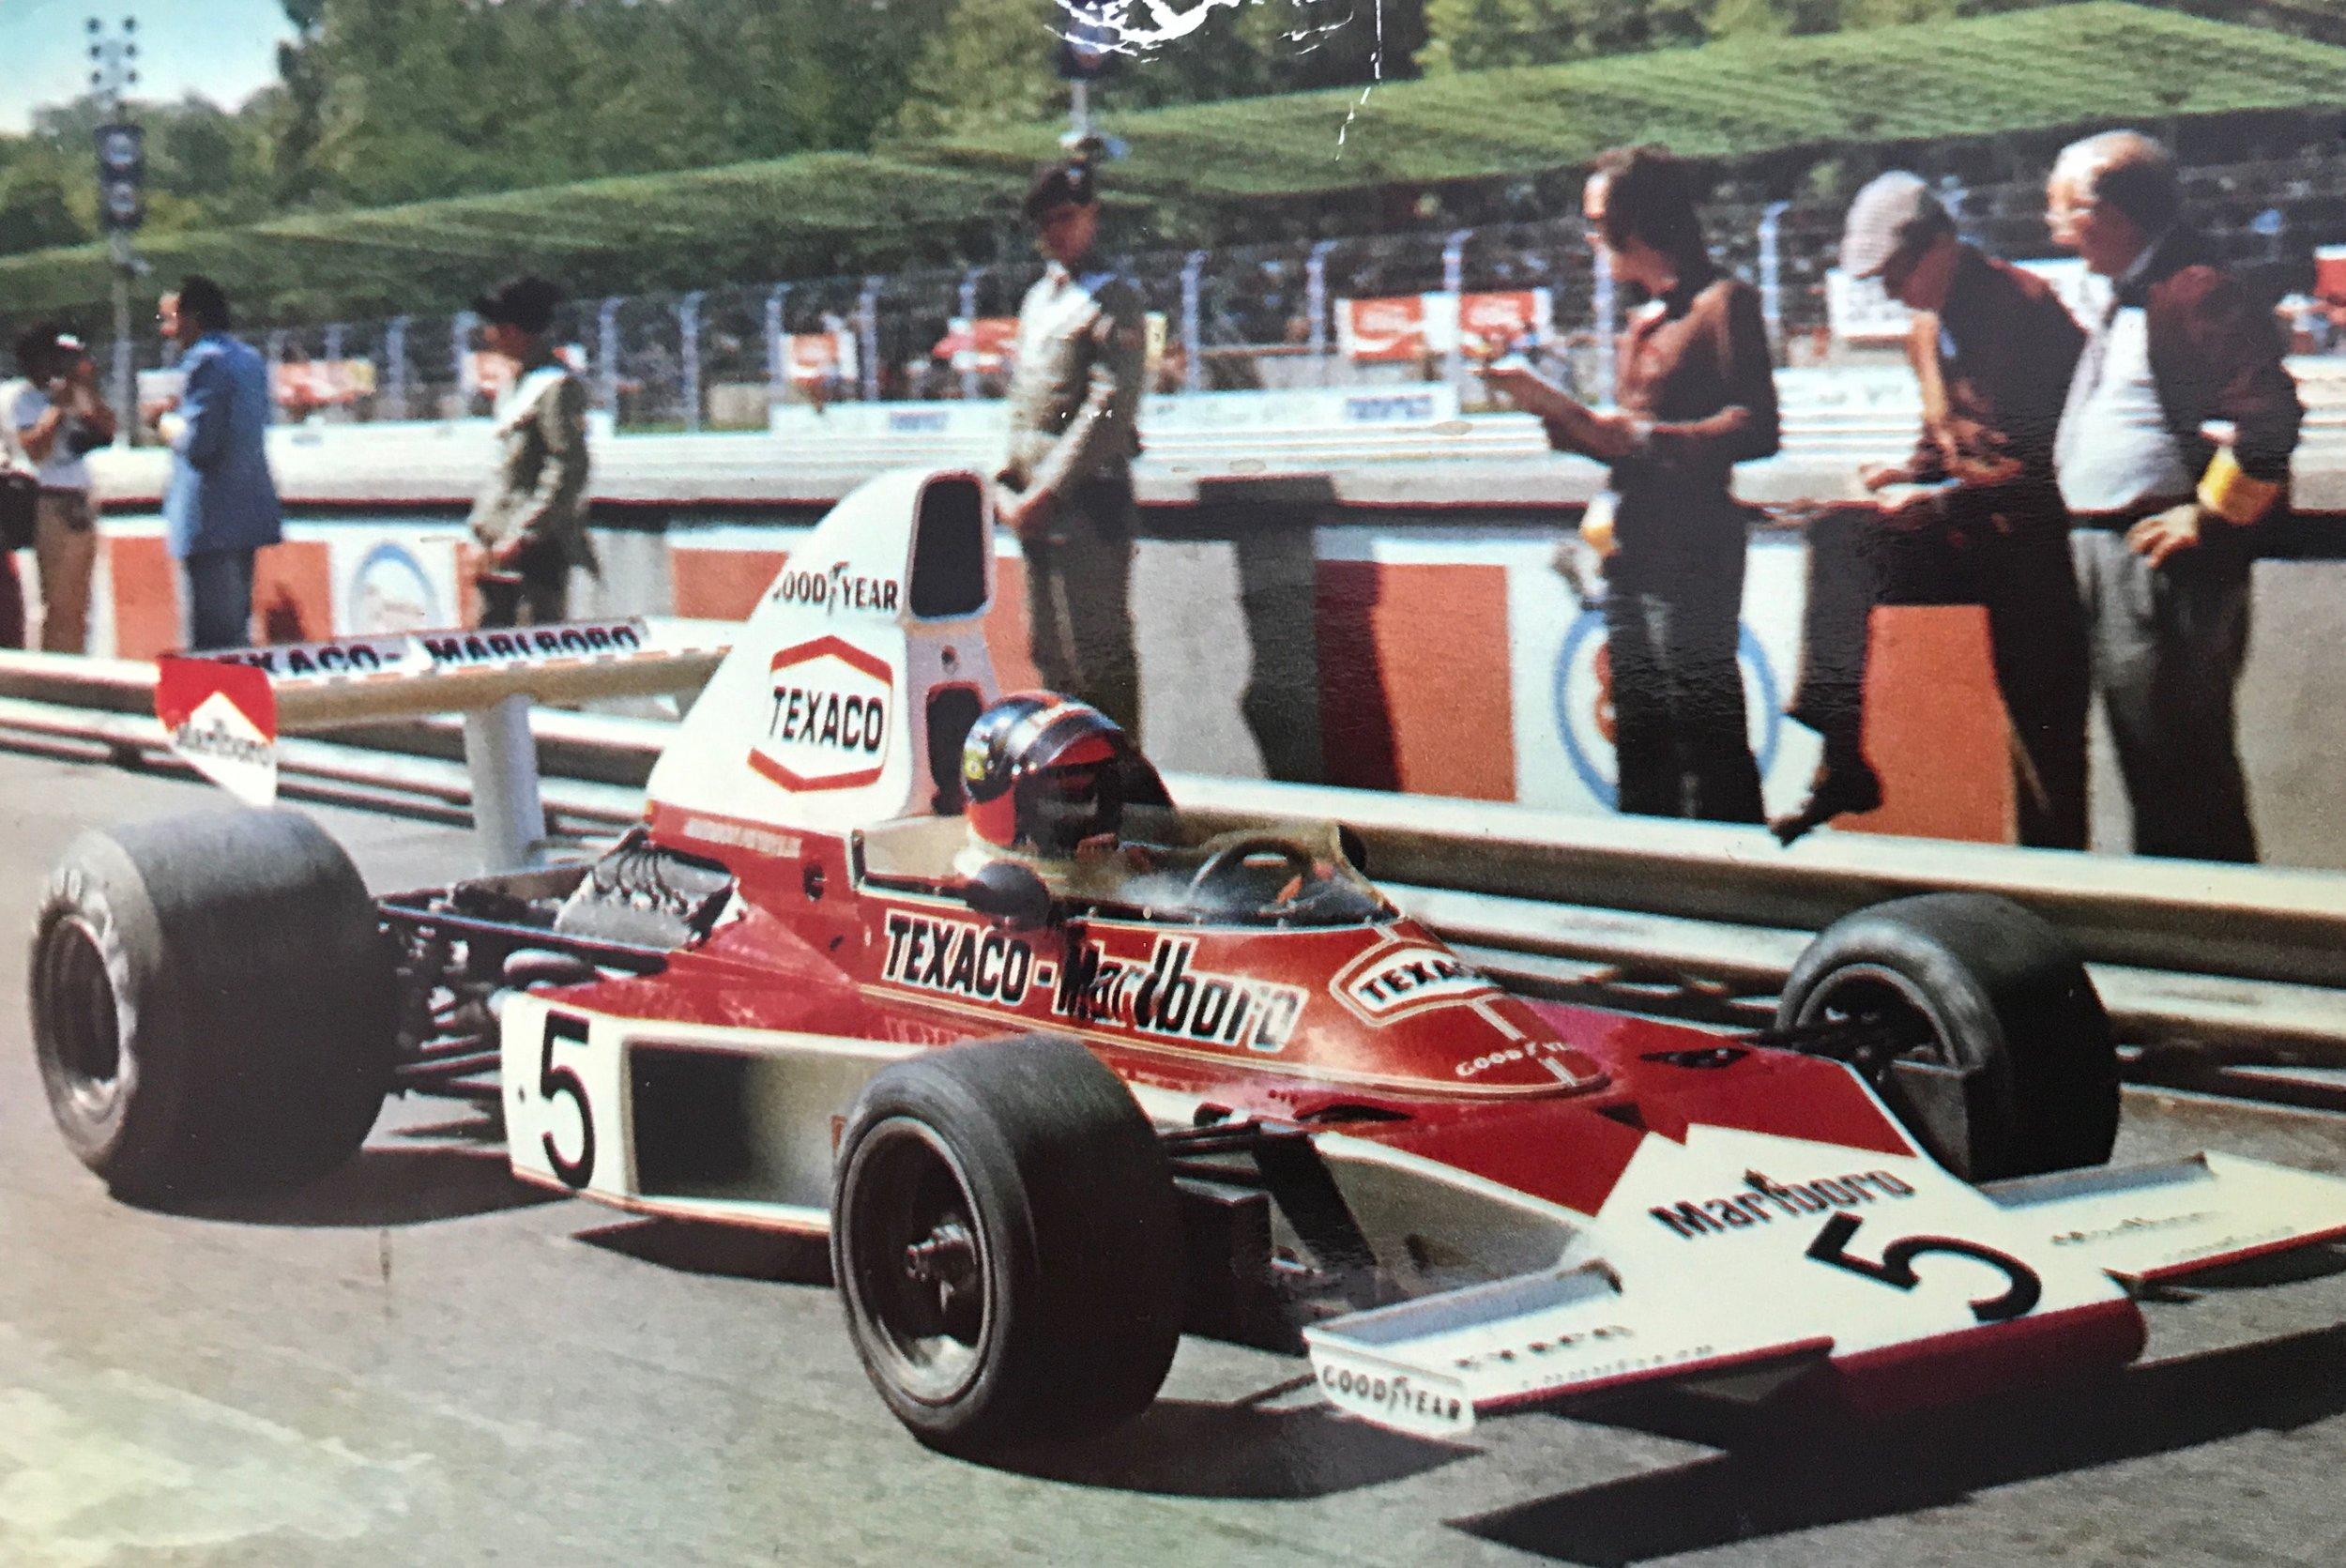 1974 - Marlboro Team Texaco/McLaren-Ford Cosworth